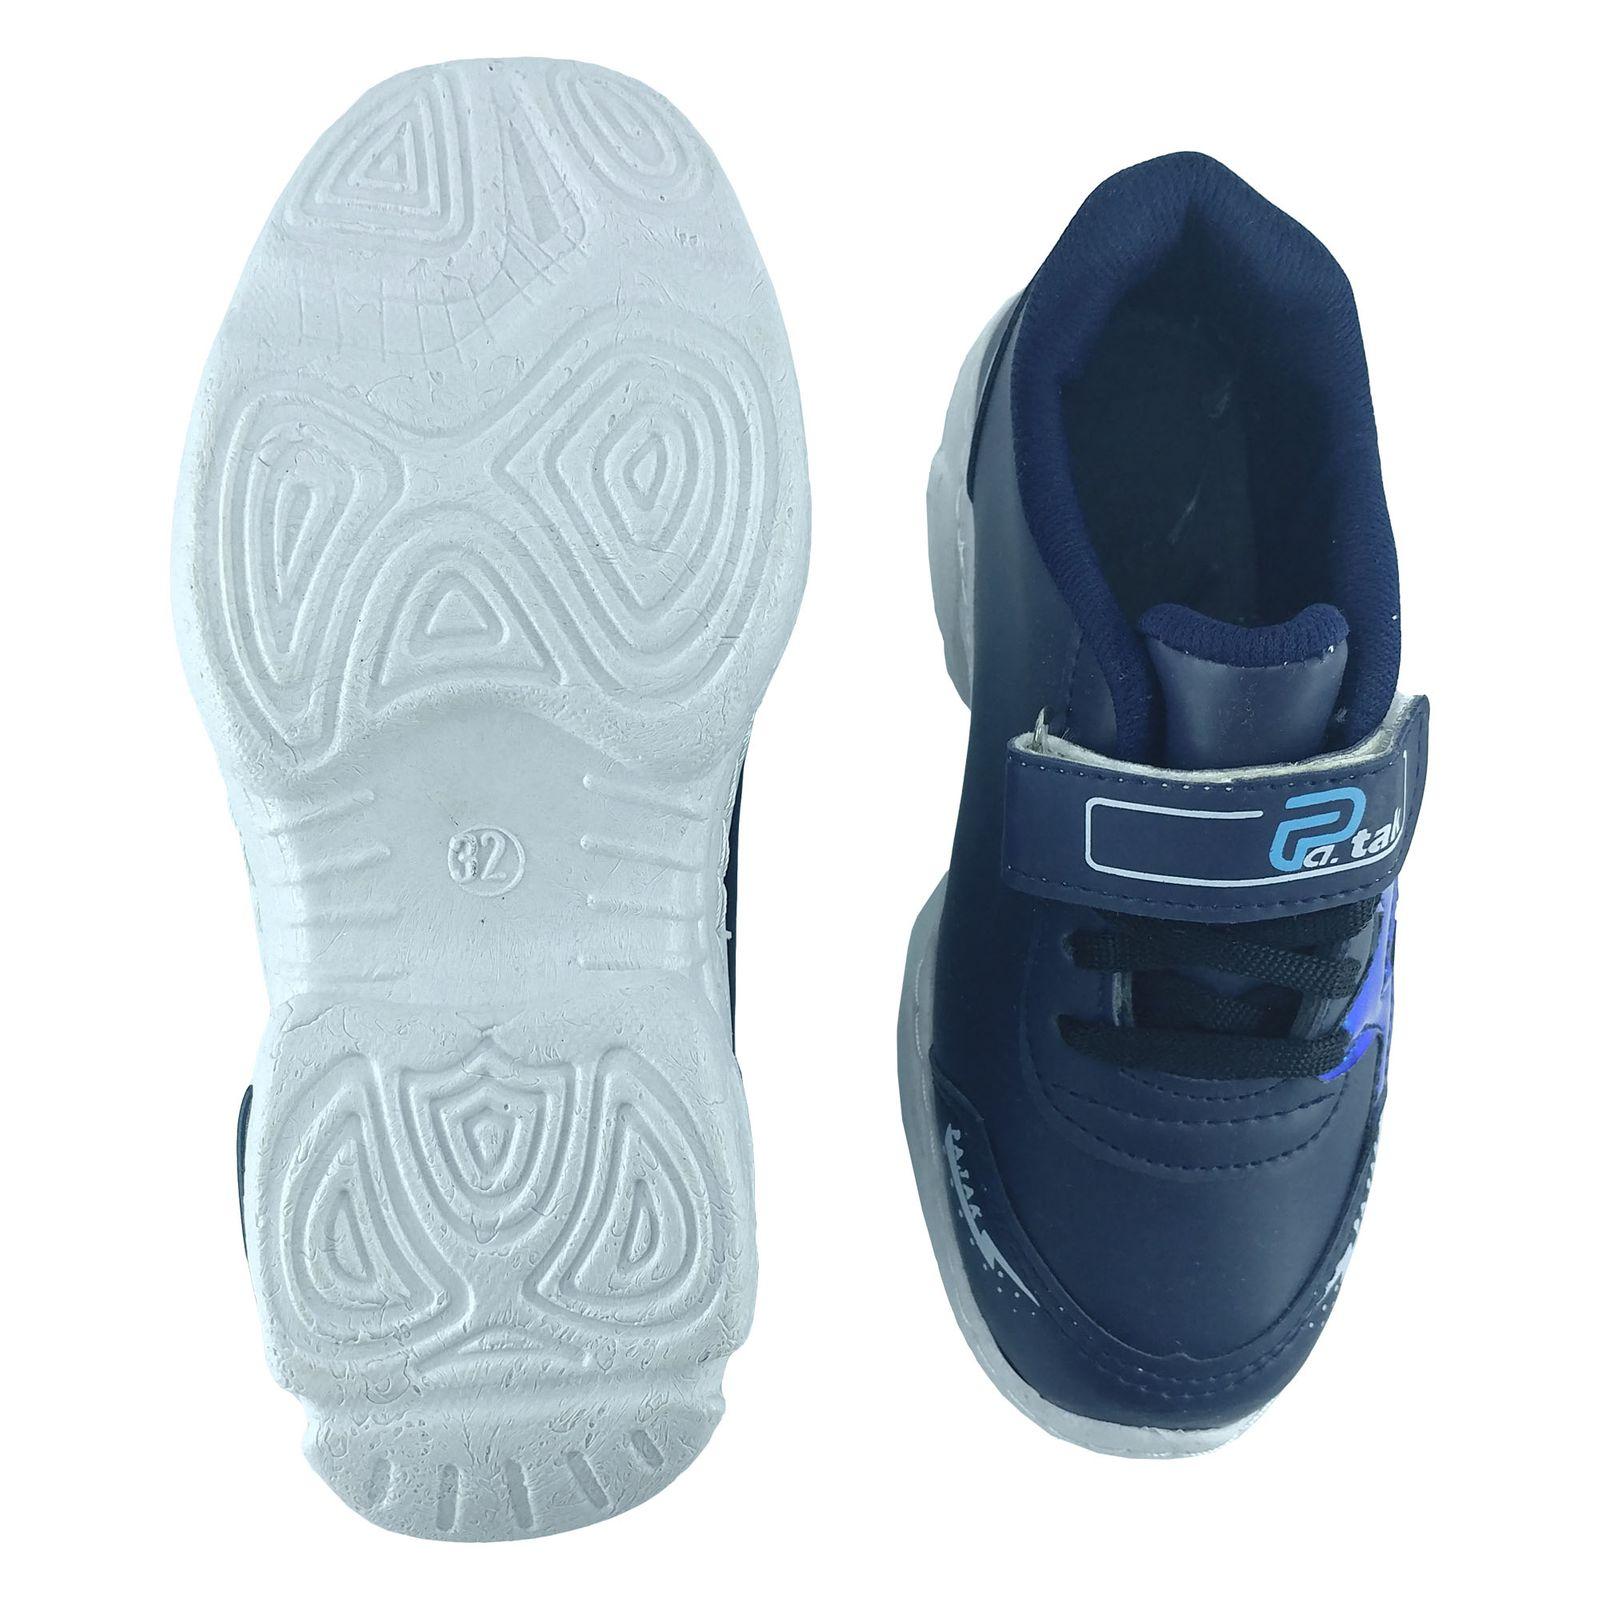 کفش راحتی بچگانه مدل bhs -  - 4